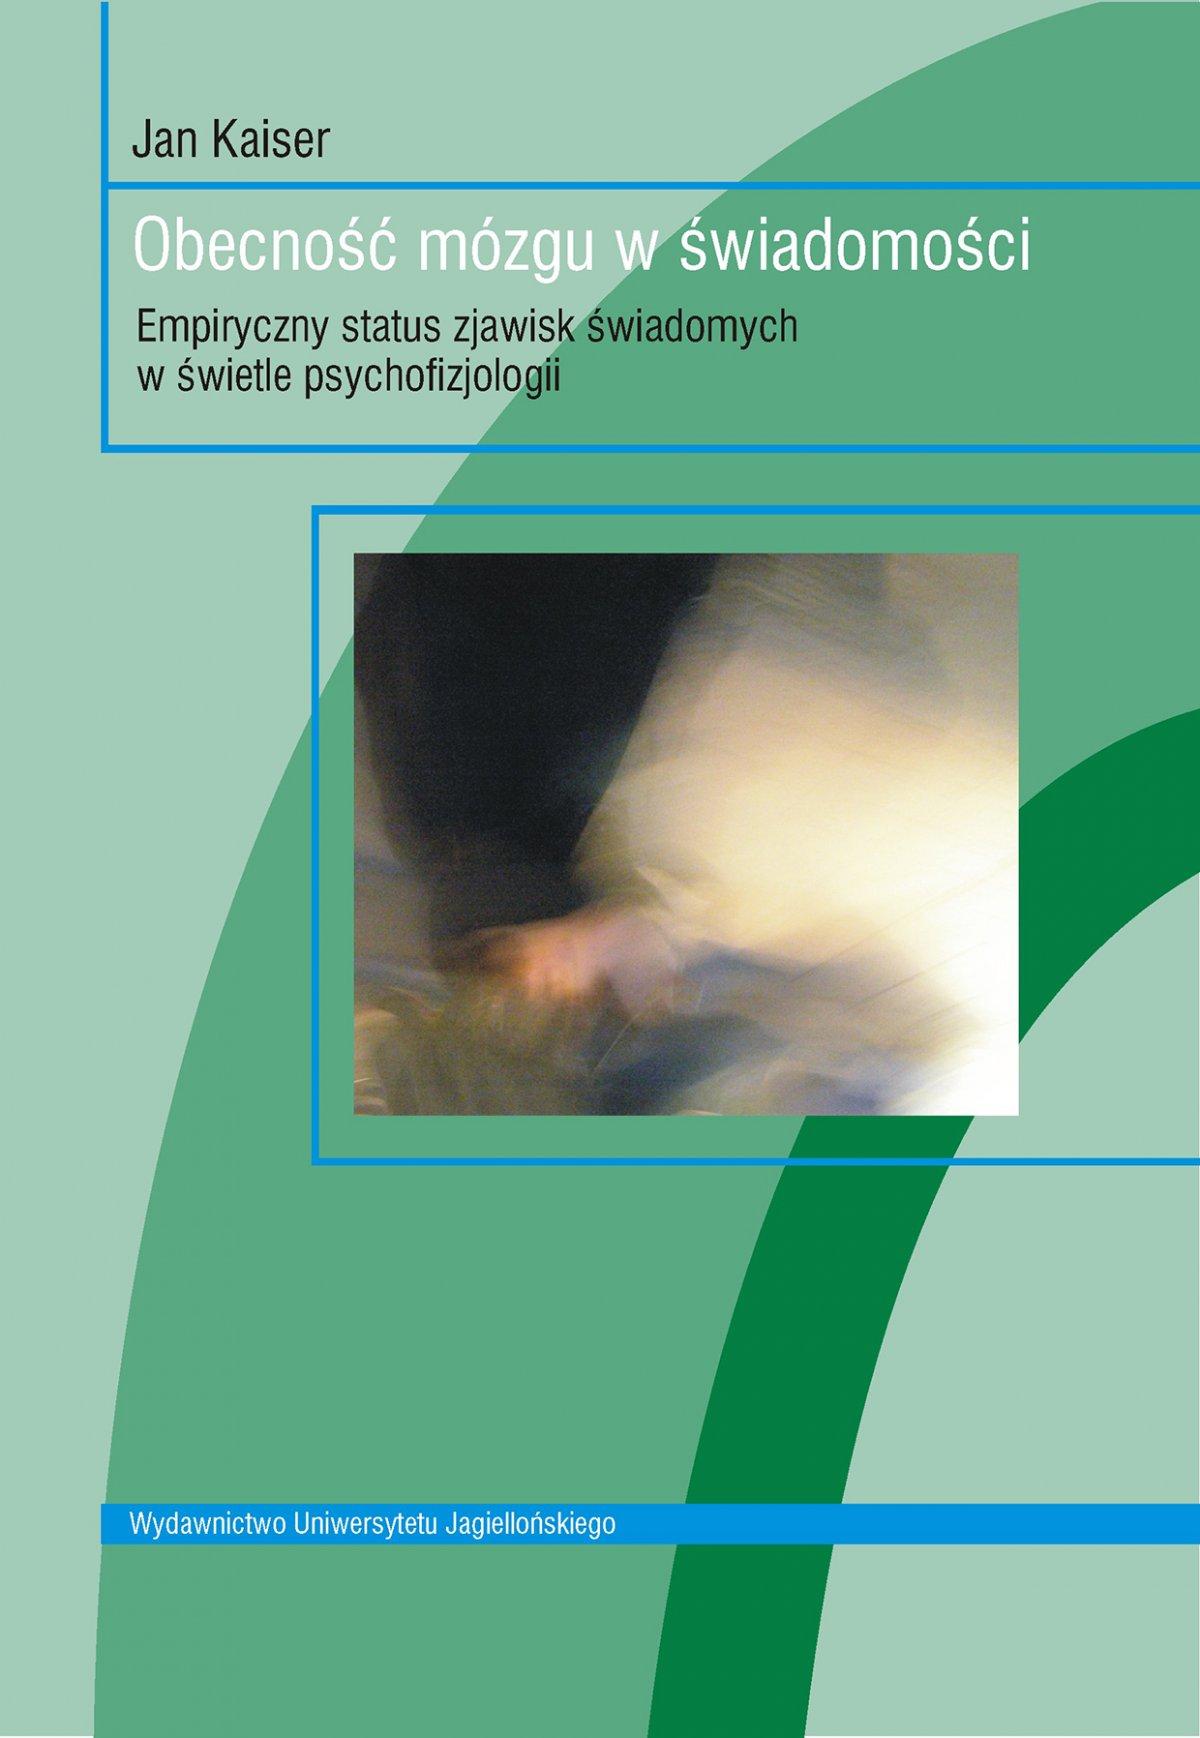 Obecność mózgu w świadomości. Empiryczny status zjawisk świadomych w świetle psychofizjologii - Ebook (Książka PDF) do pobrania w formacie PDF